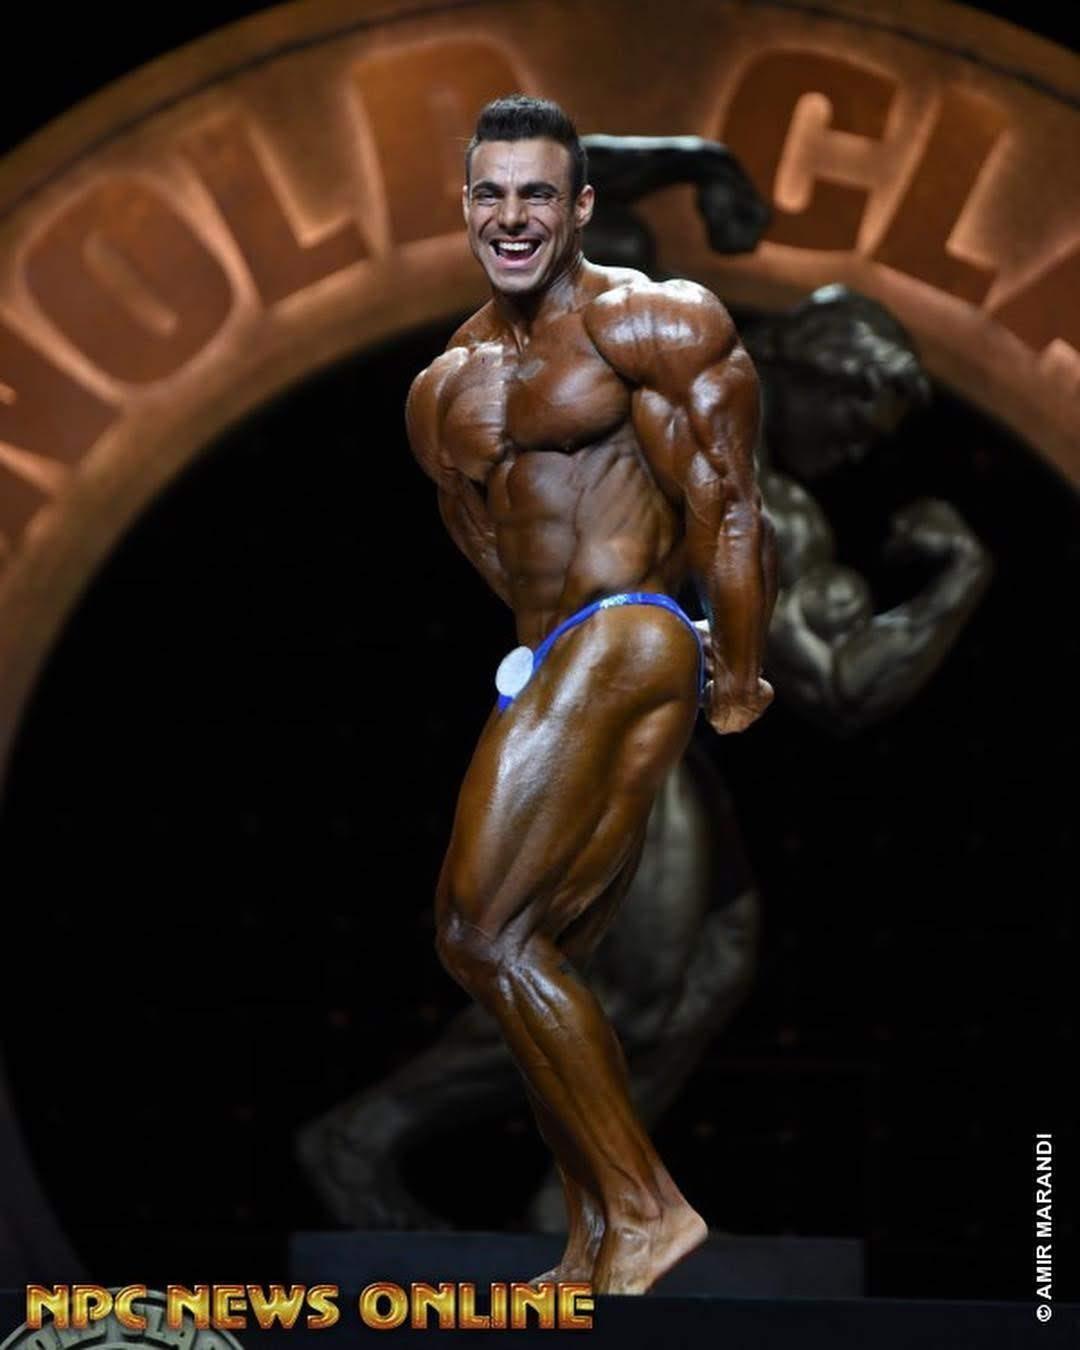 Rafael Brandão executa pose tríceps melhor lado no prejudging do Arnold Classic 2019. Foto: Amir Marandi